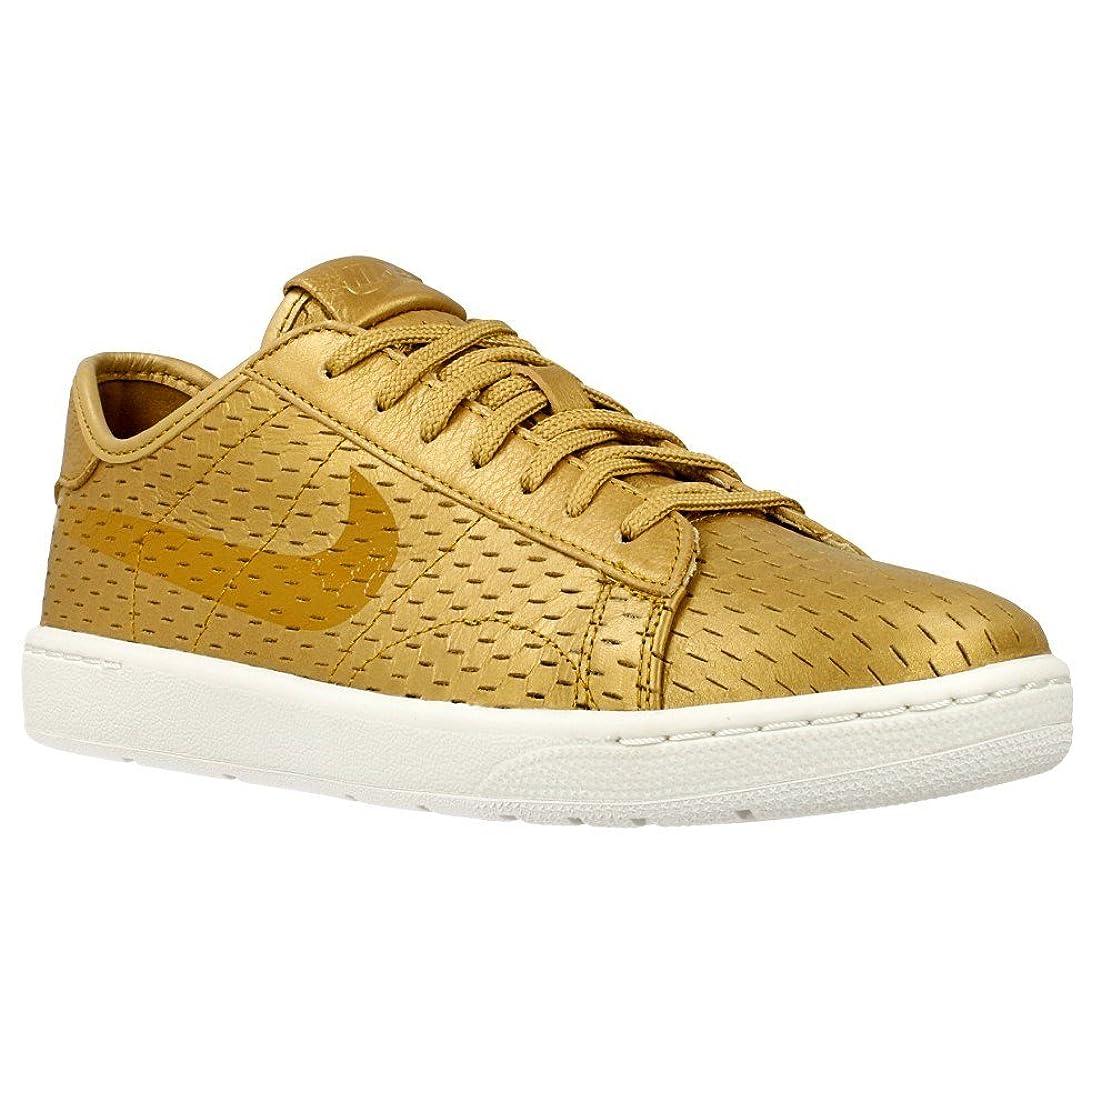 彼ら不倫ヘロイン[ナイキ] Nike - W Tennis Classic Ultra Prm [並行輸入品] - 749647700 - Color: ゴールデン - Size: 23.0